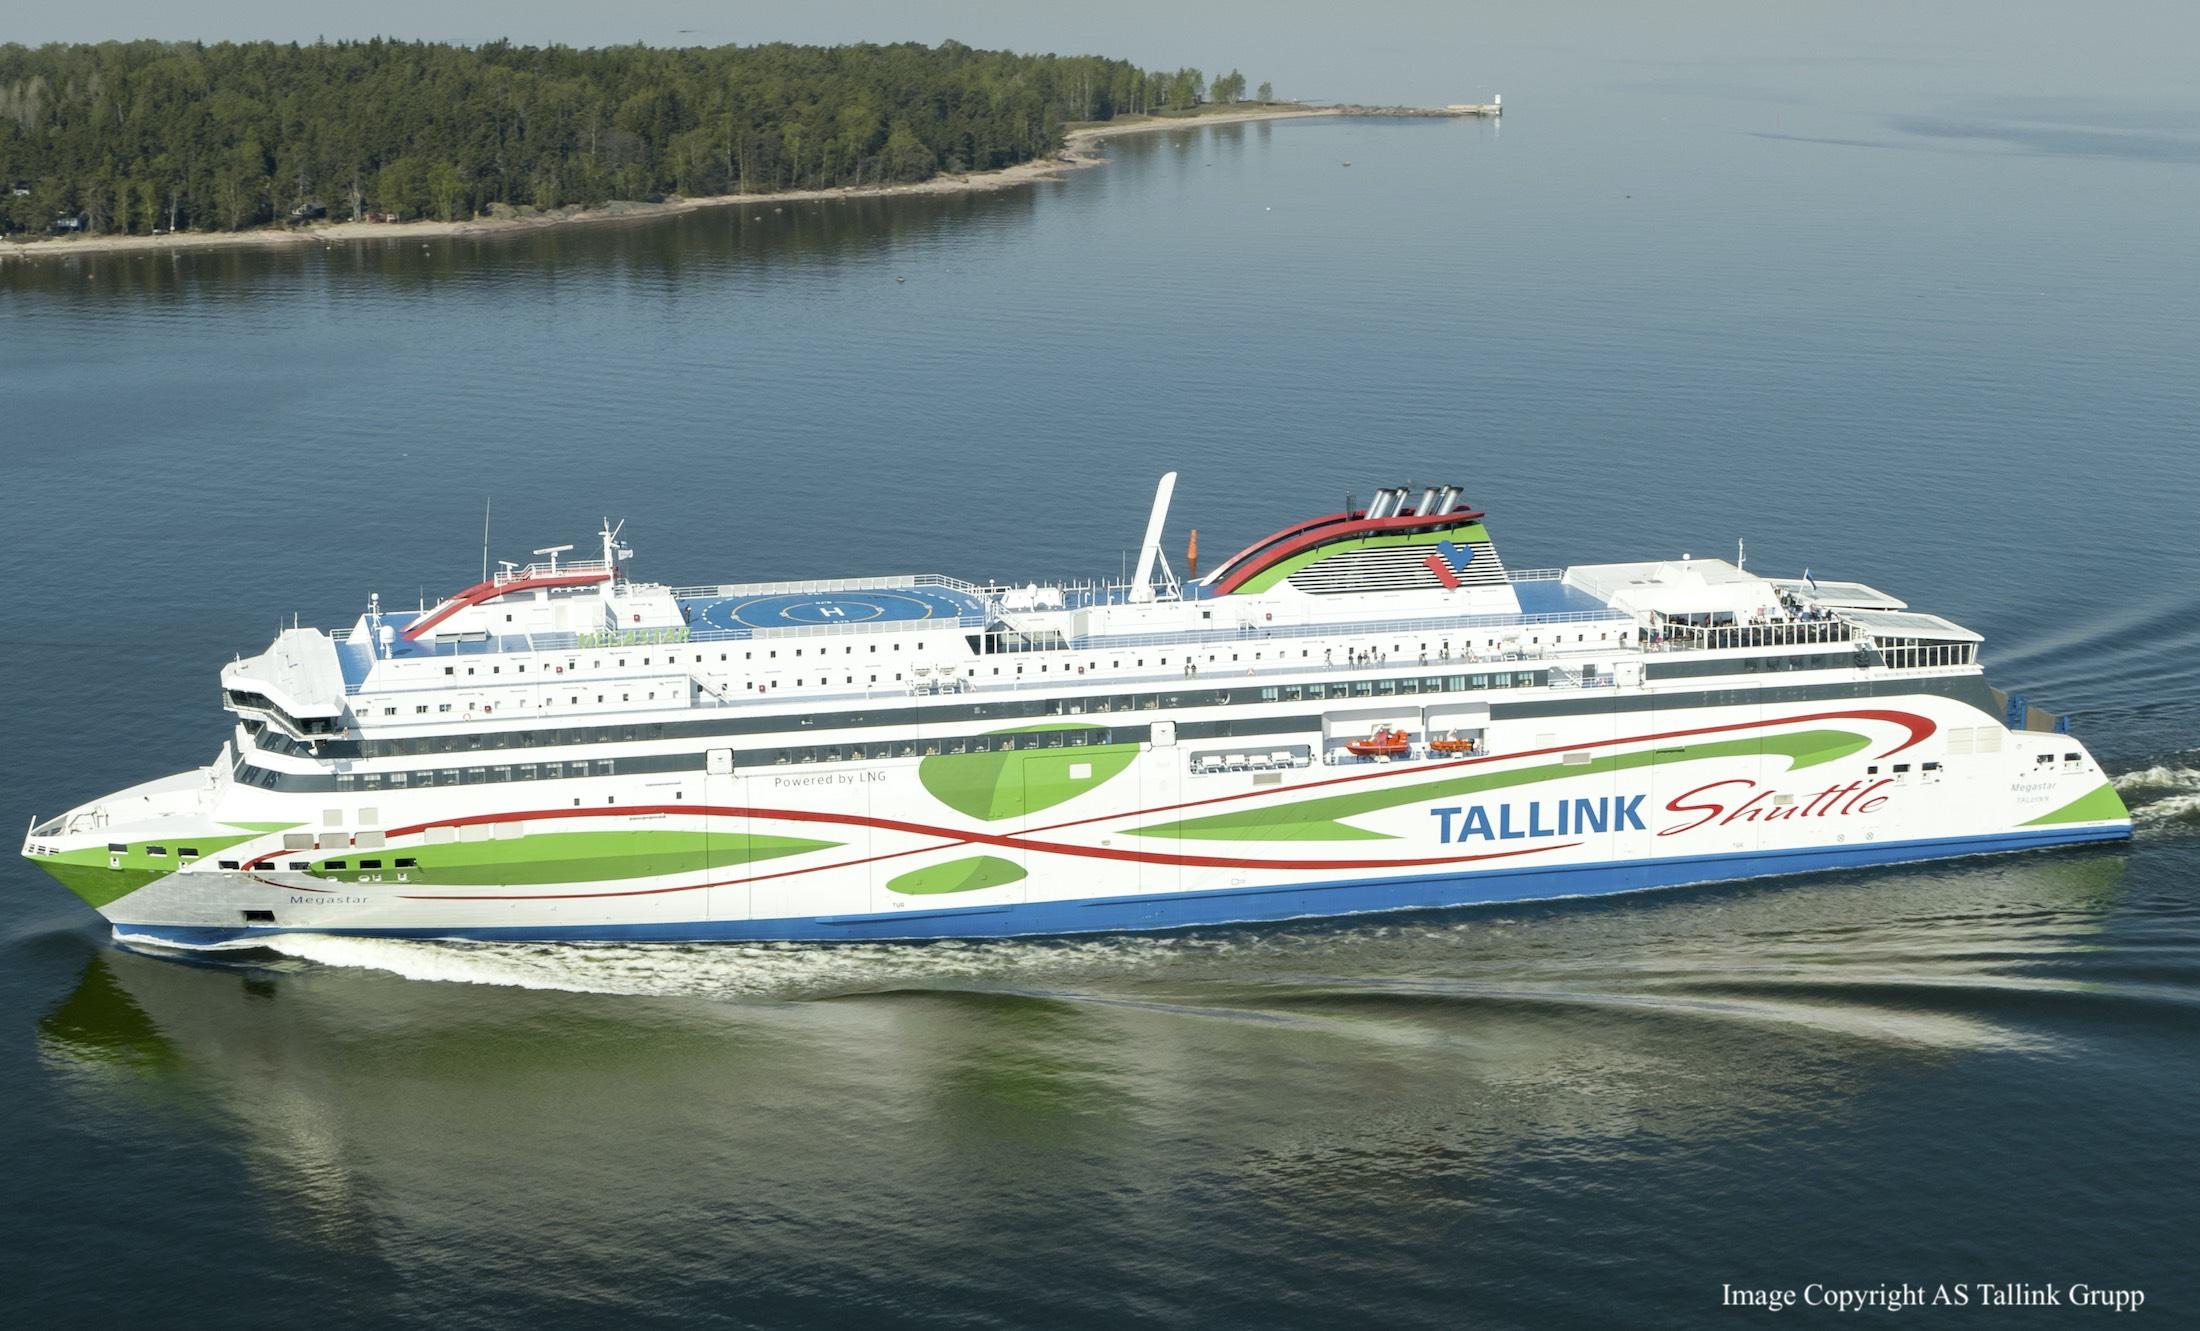 Foto von Tallink Silja - Megastar Schiff